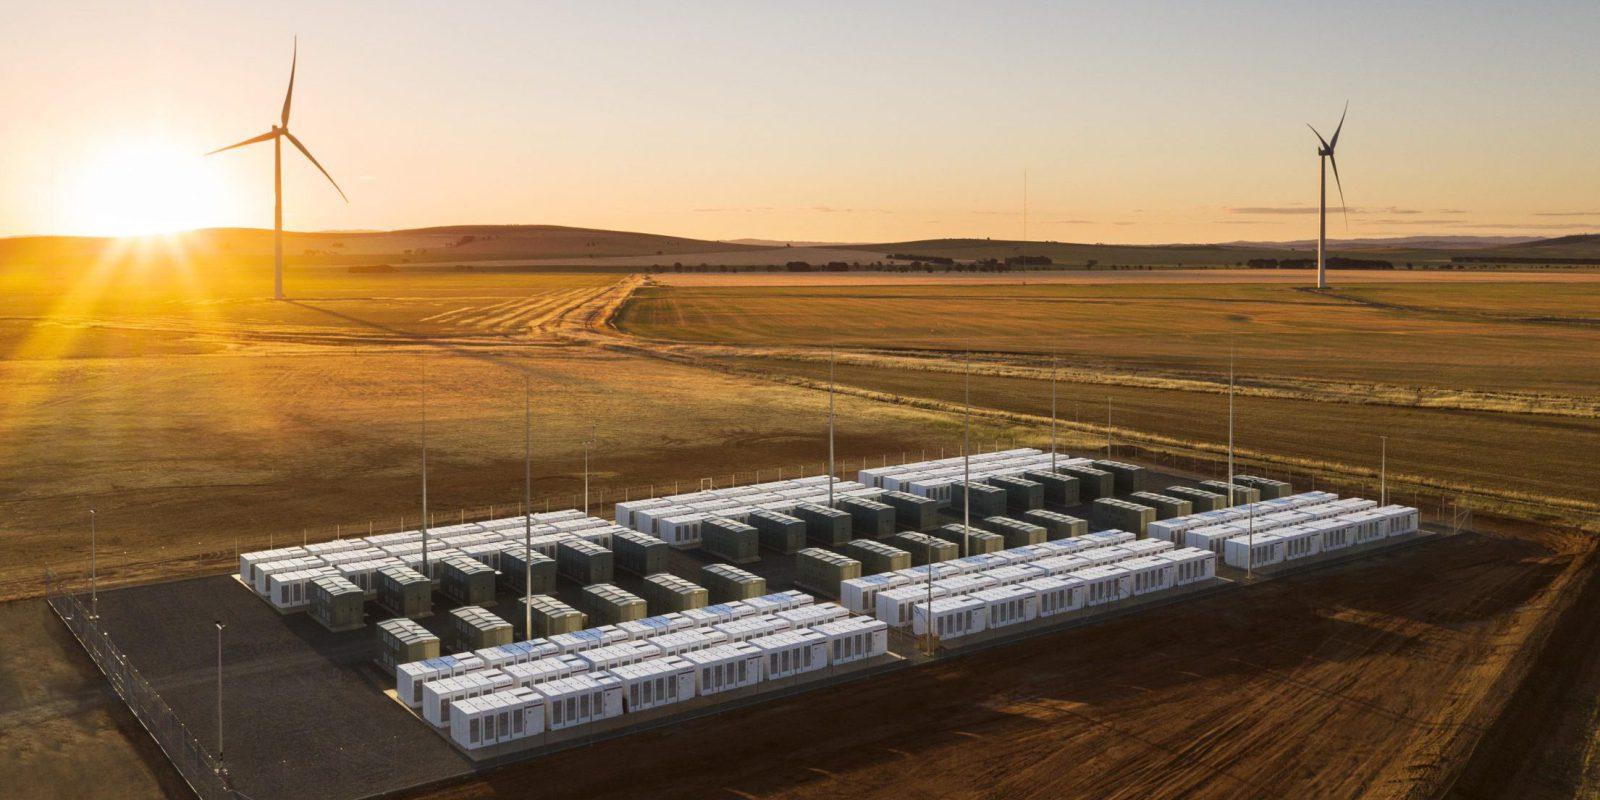 Tesla asombra con las cifras de su superbatería en Australia